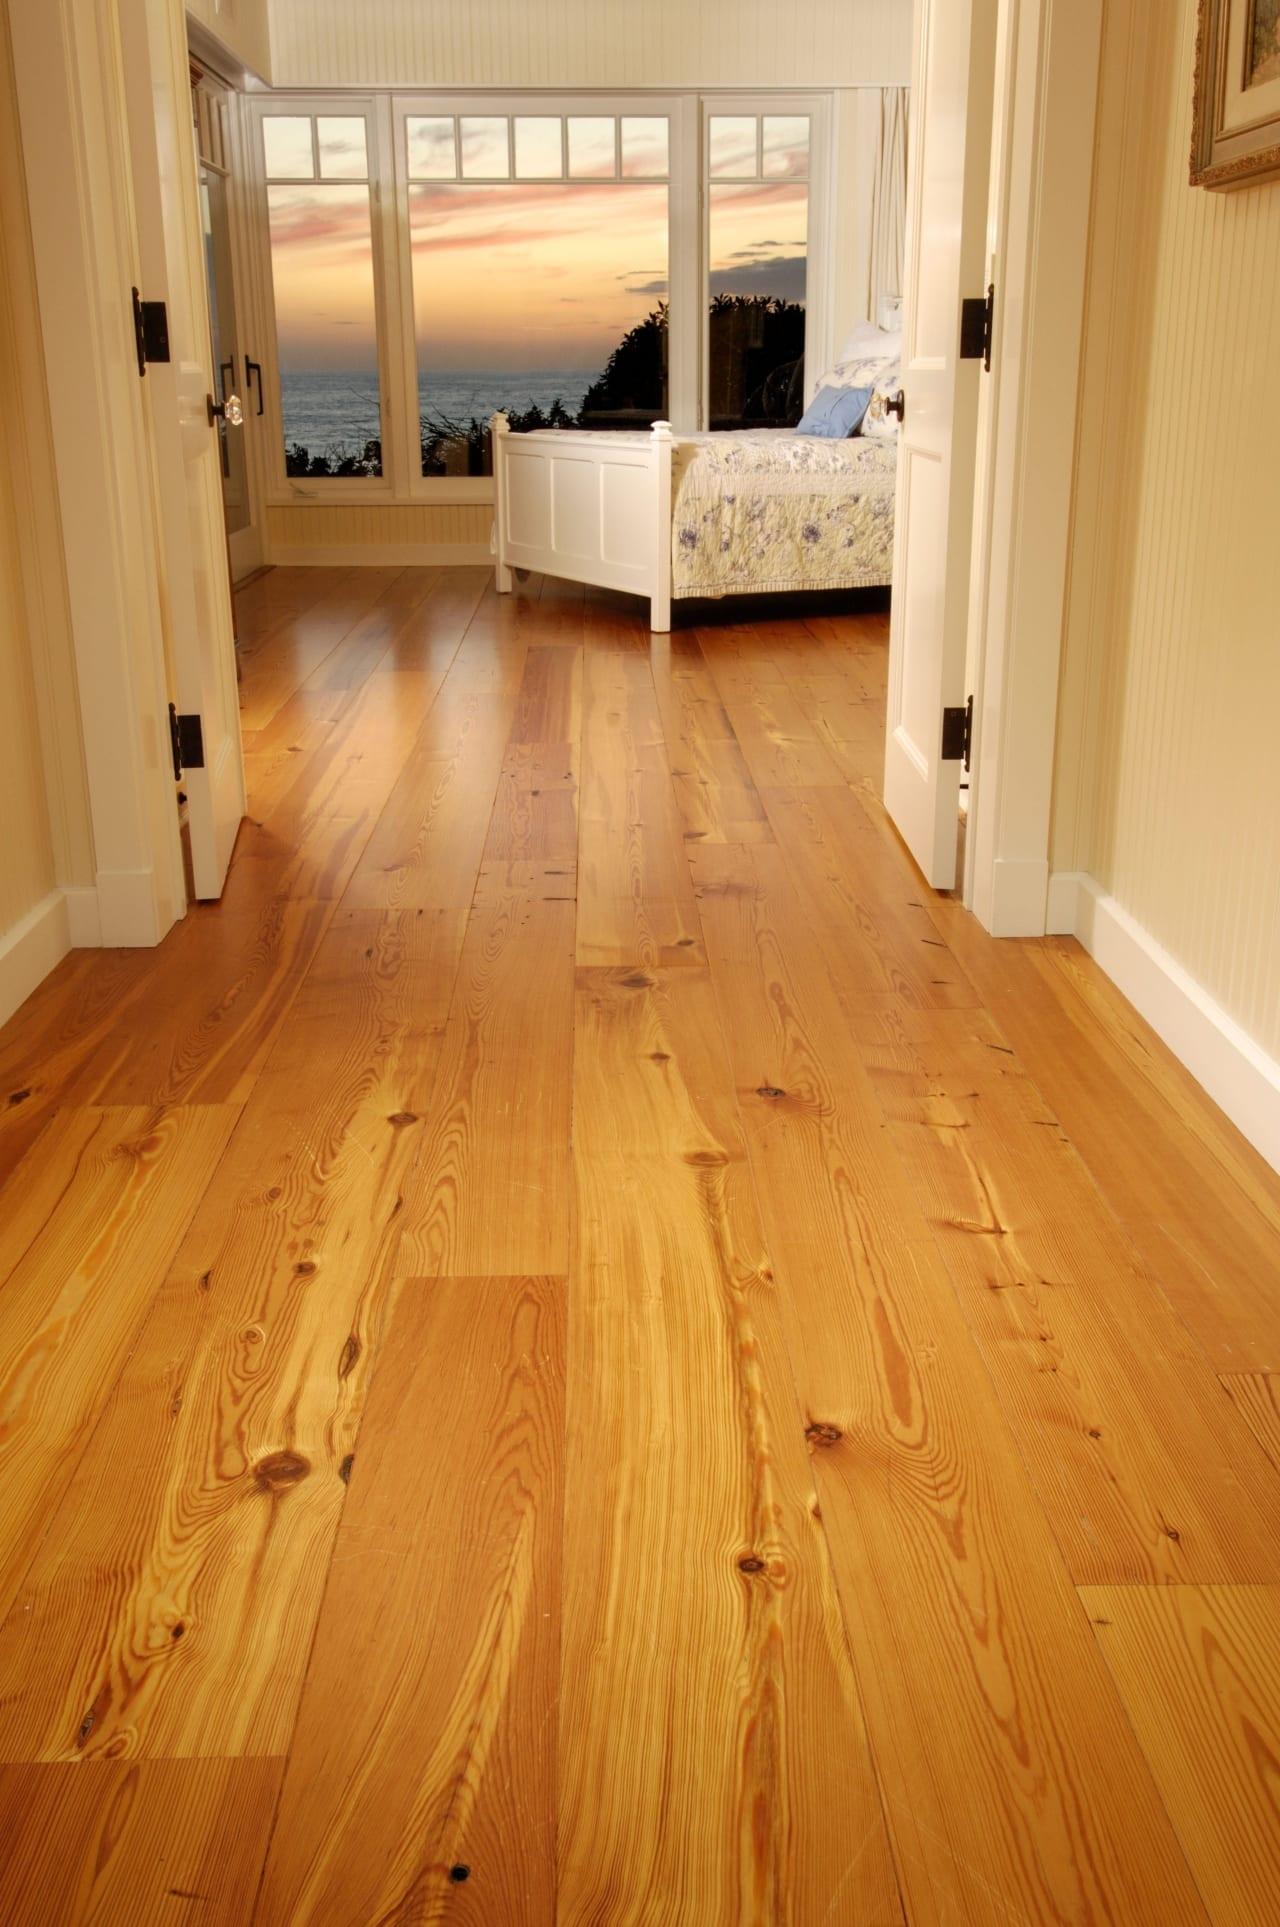 Reclaimed Heart Pine Floors In